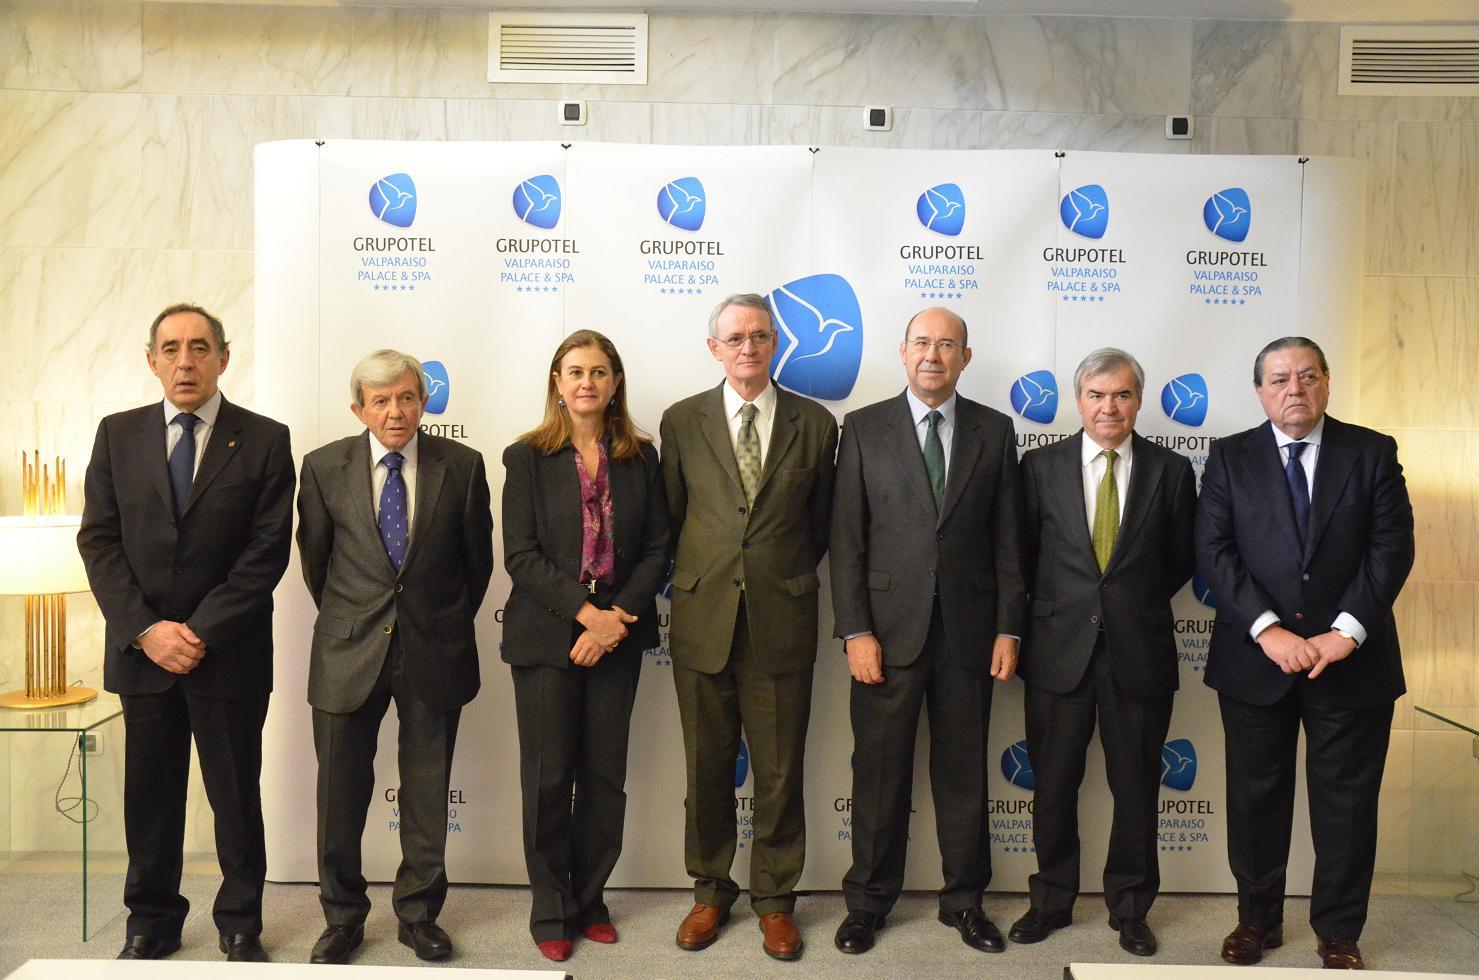 Declaración conjunta del VI Encuentro de Economía y Sociedad